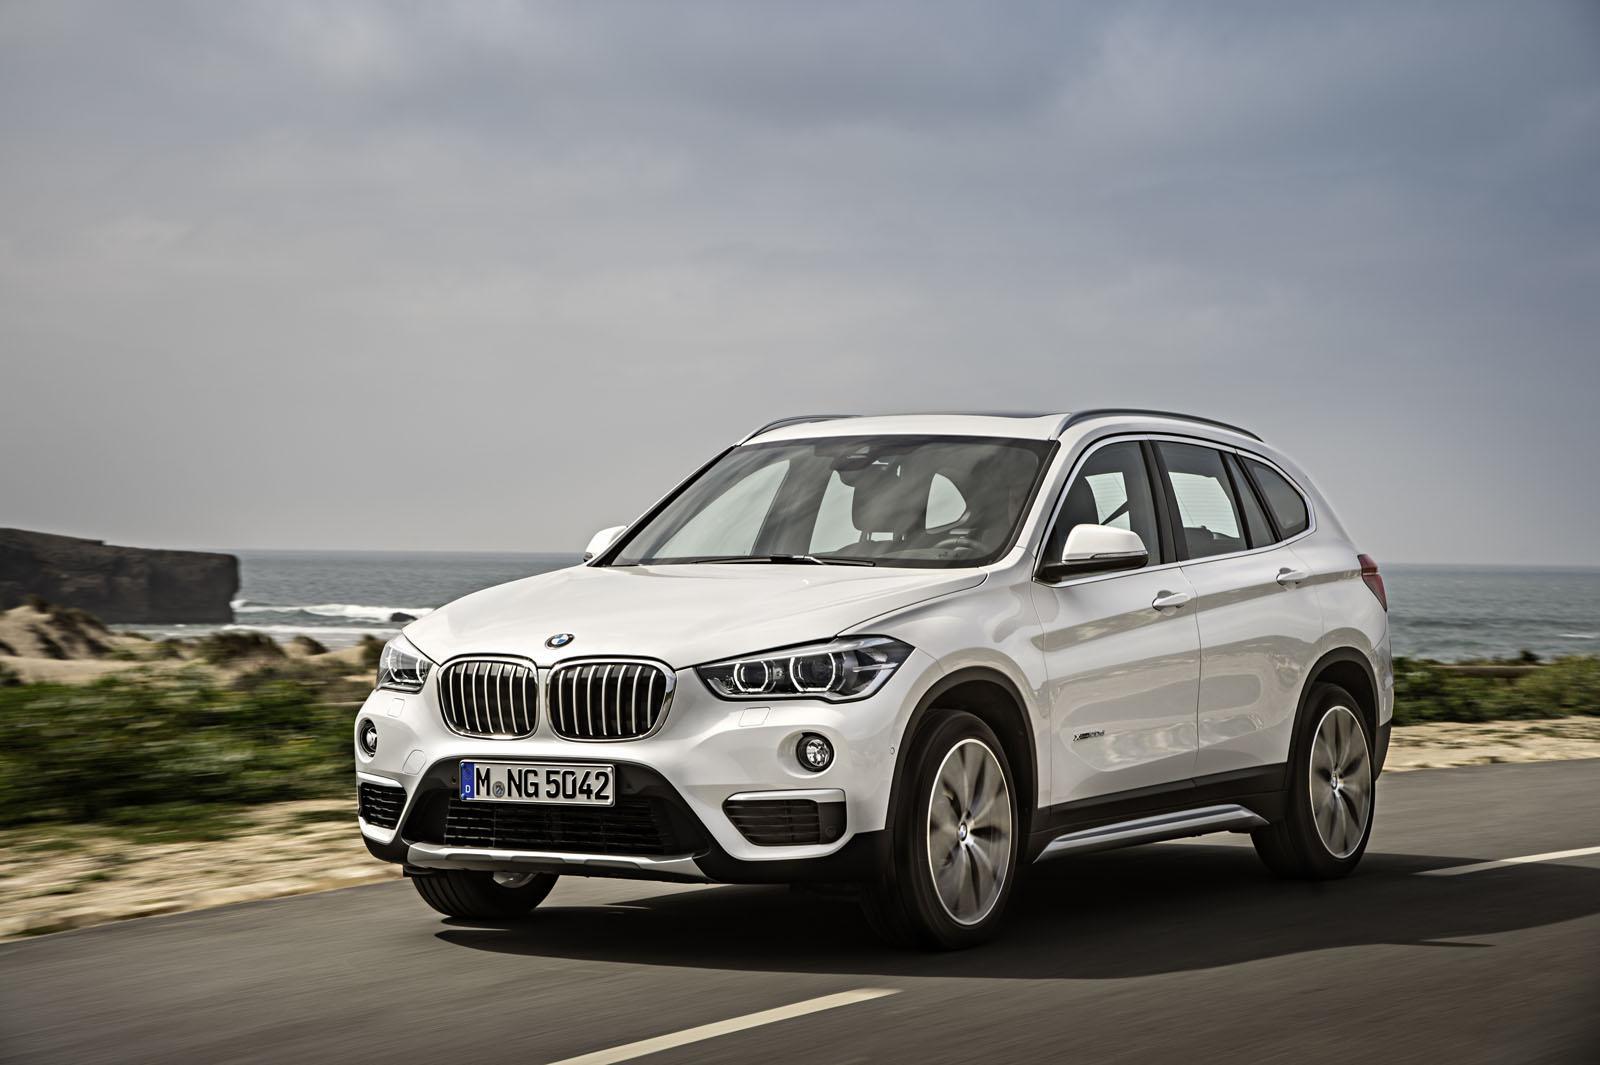 2016 BMW X1 front quarters